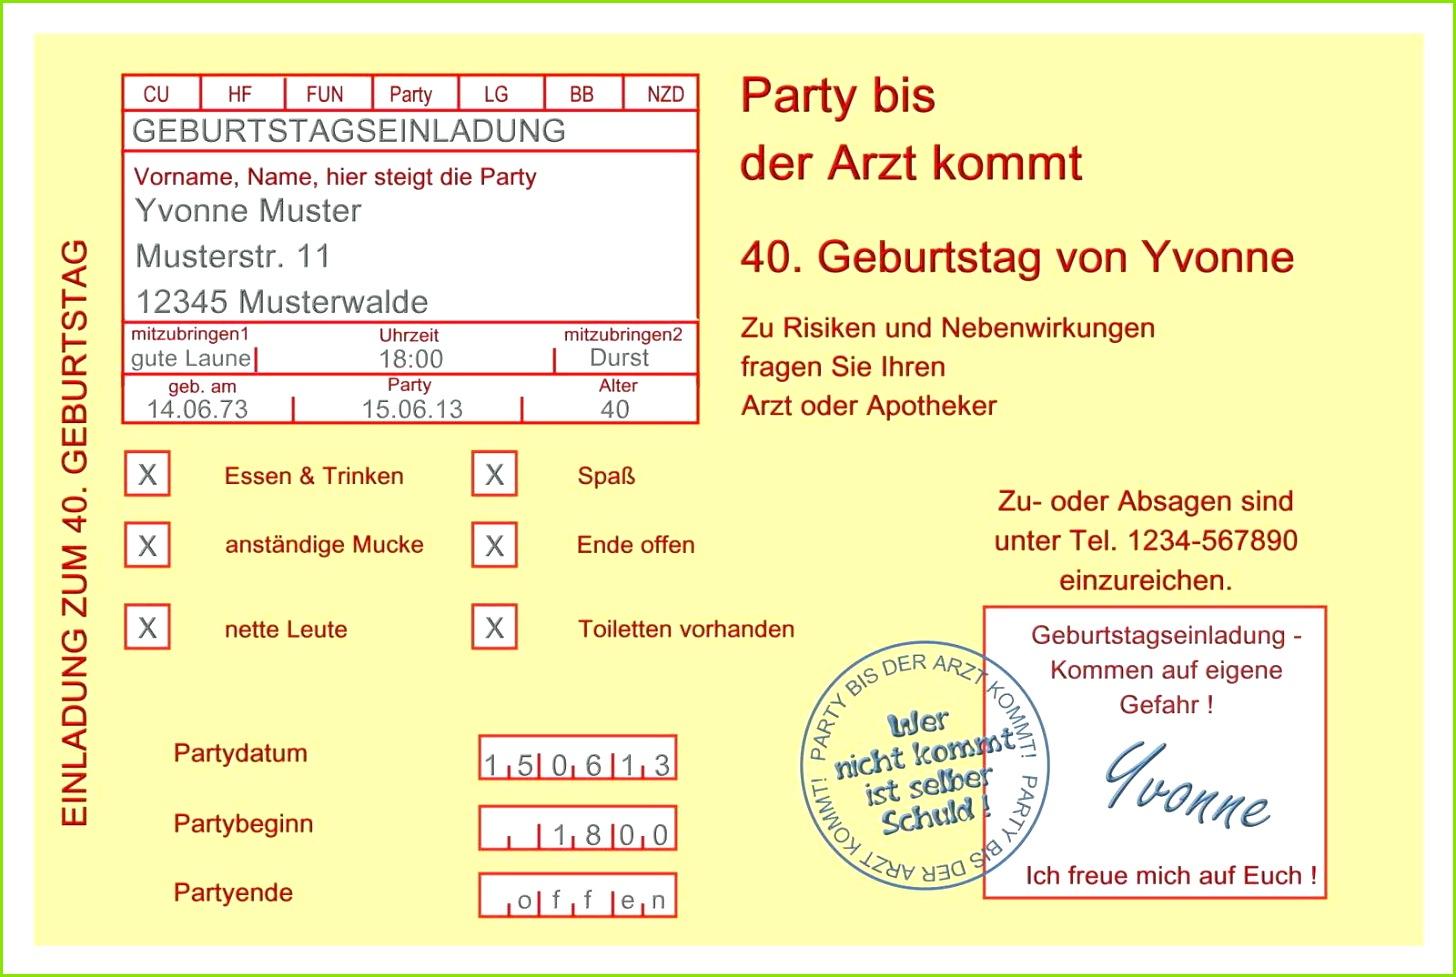 Einladung 50 Geburtstag Vorlagen Kostenlos Vorlagen Einladung Geburtstag Kostenlos Einladungskarten Vorlagen Einladung 50 Geburtstag Vorlagen